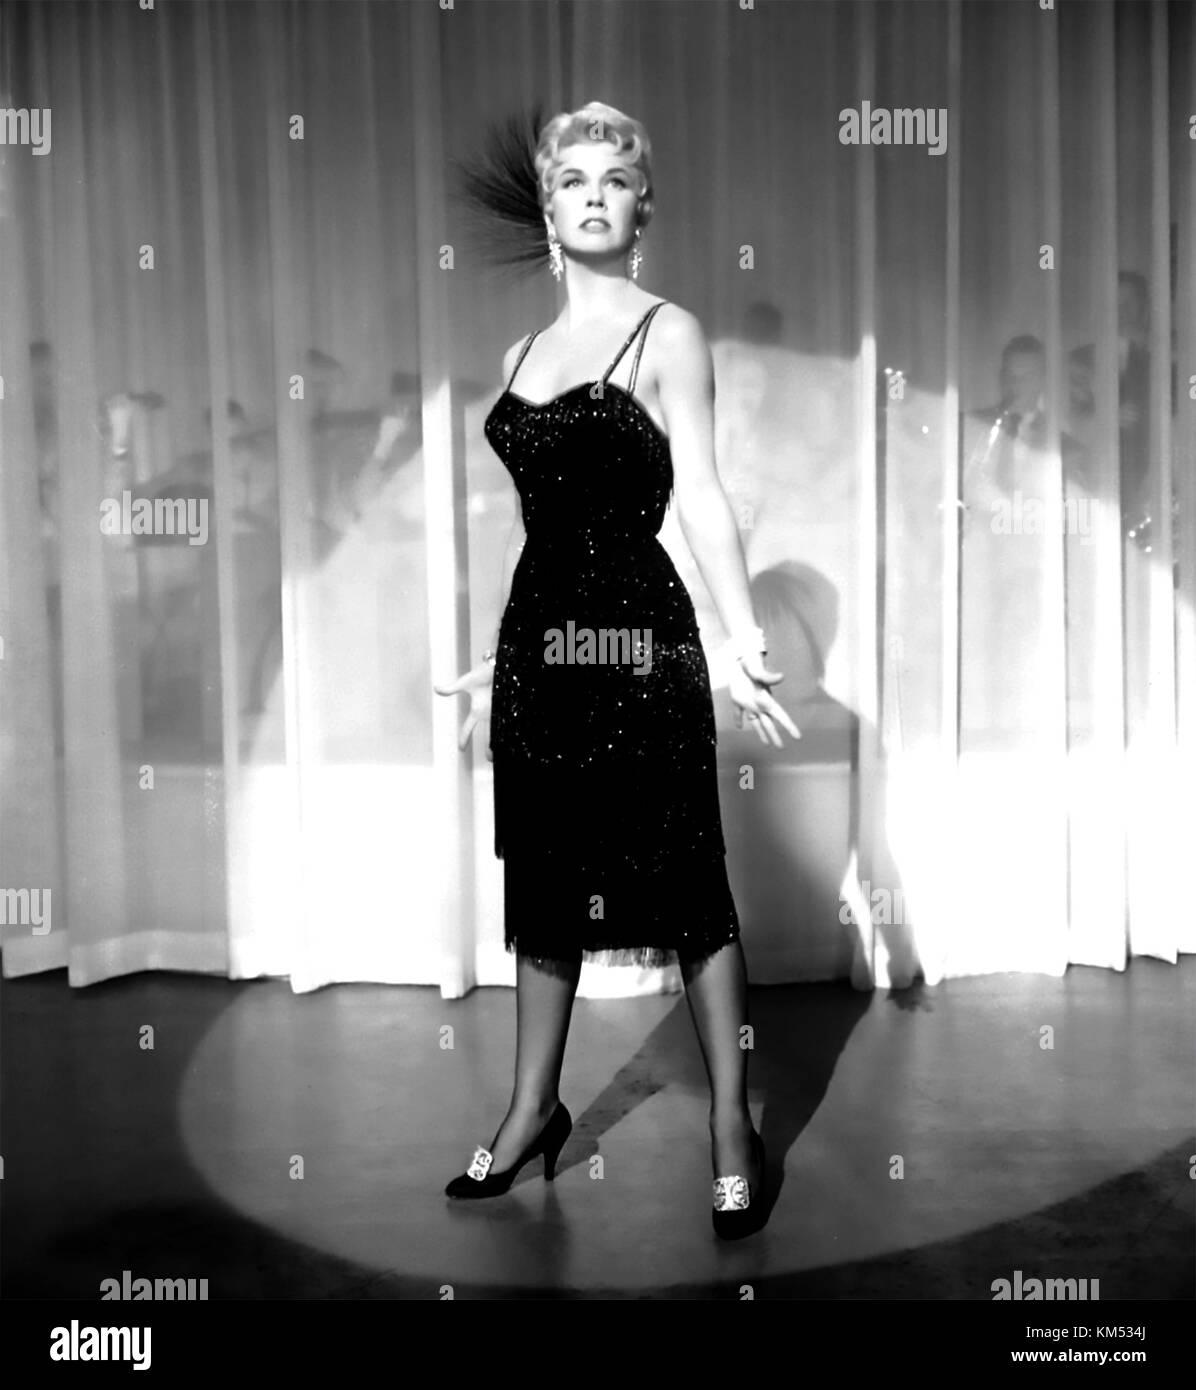 Mich lieben oder mich lassen 1955 mgm Film mit Doris Day Stockbild